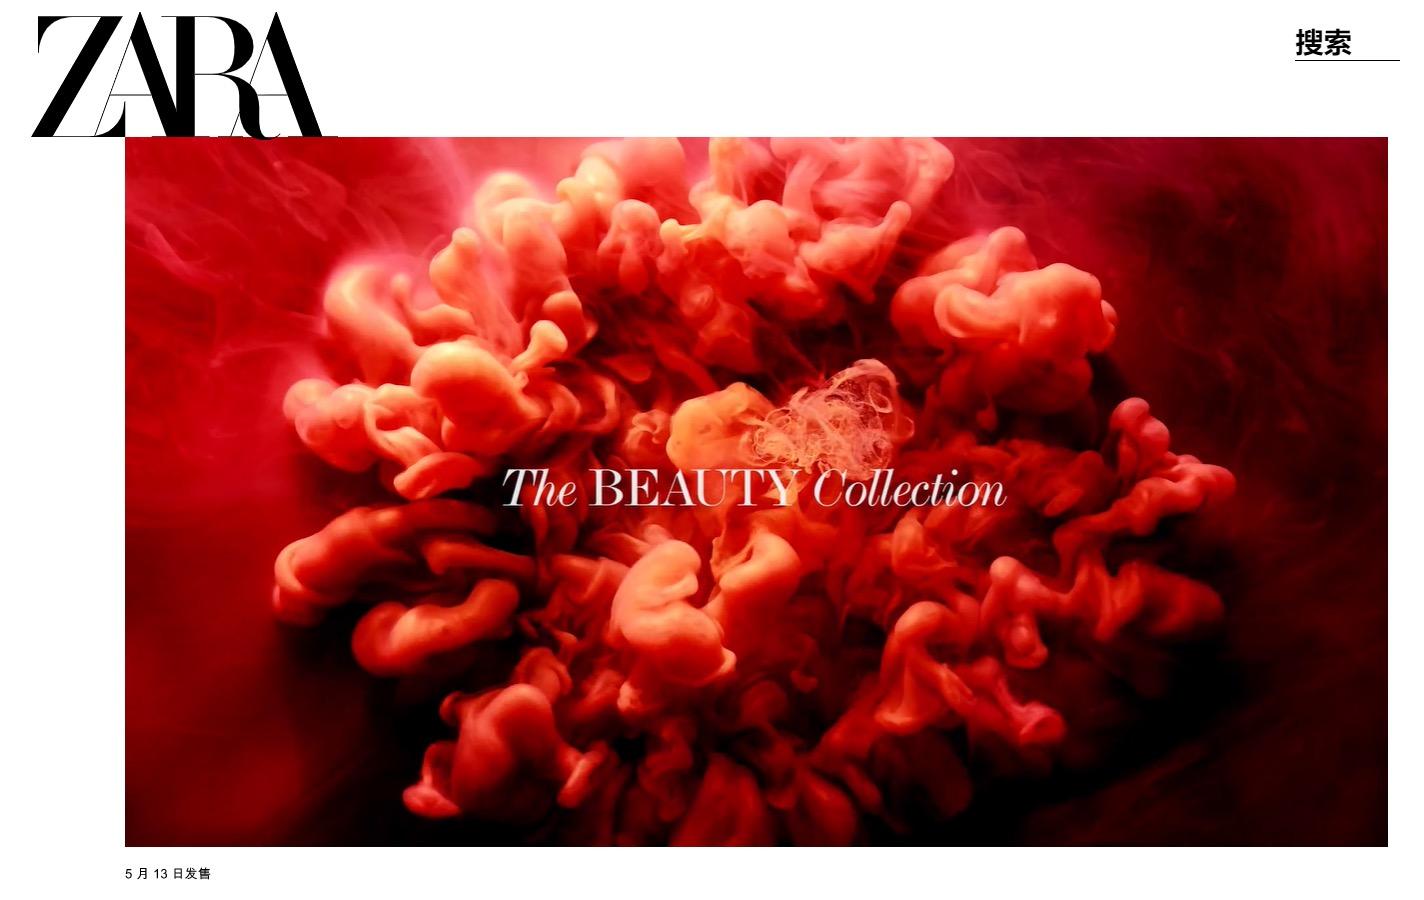 ZARA成立彩妆部门 5月13日起在线上线下渠道齐推美妆产品